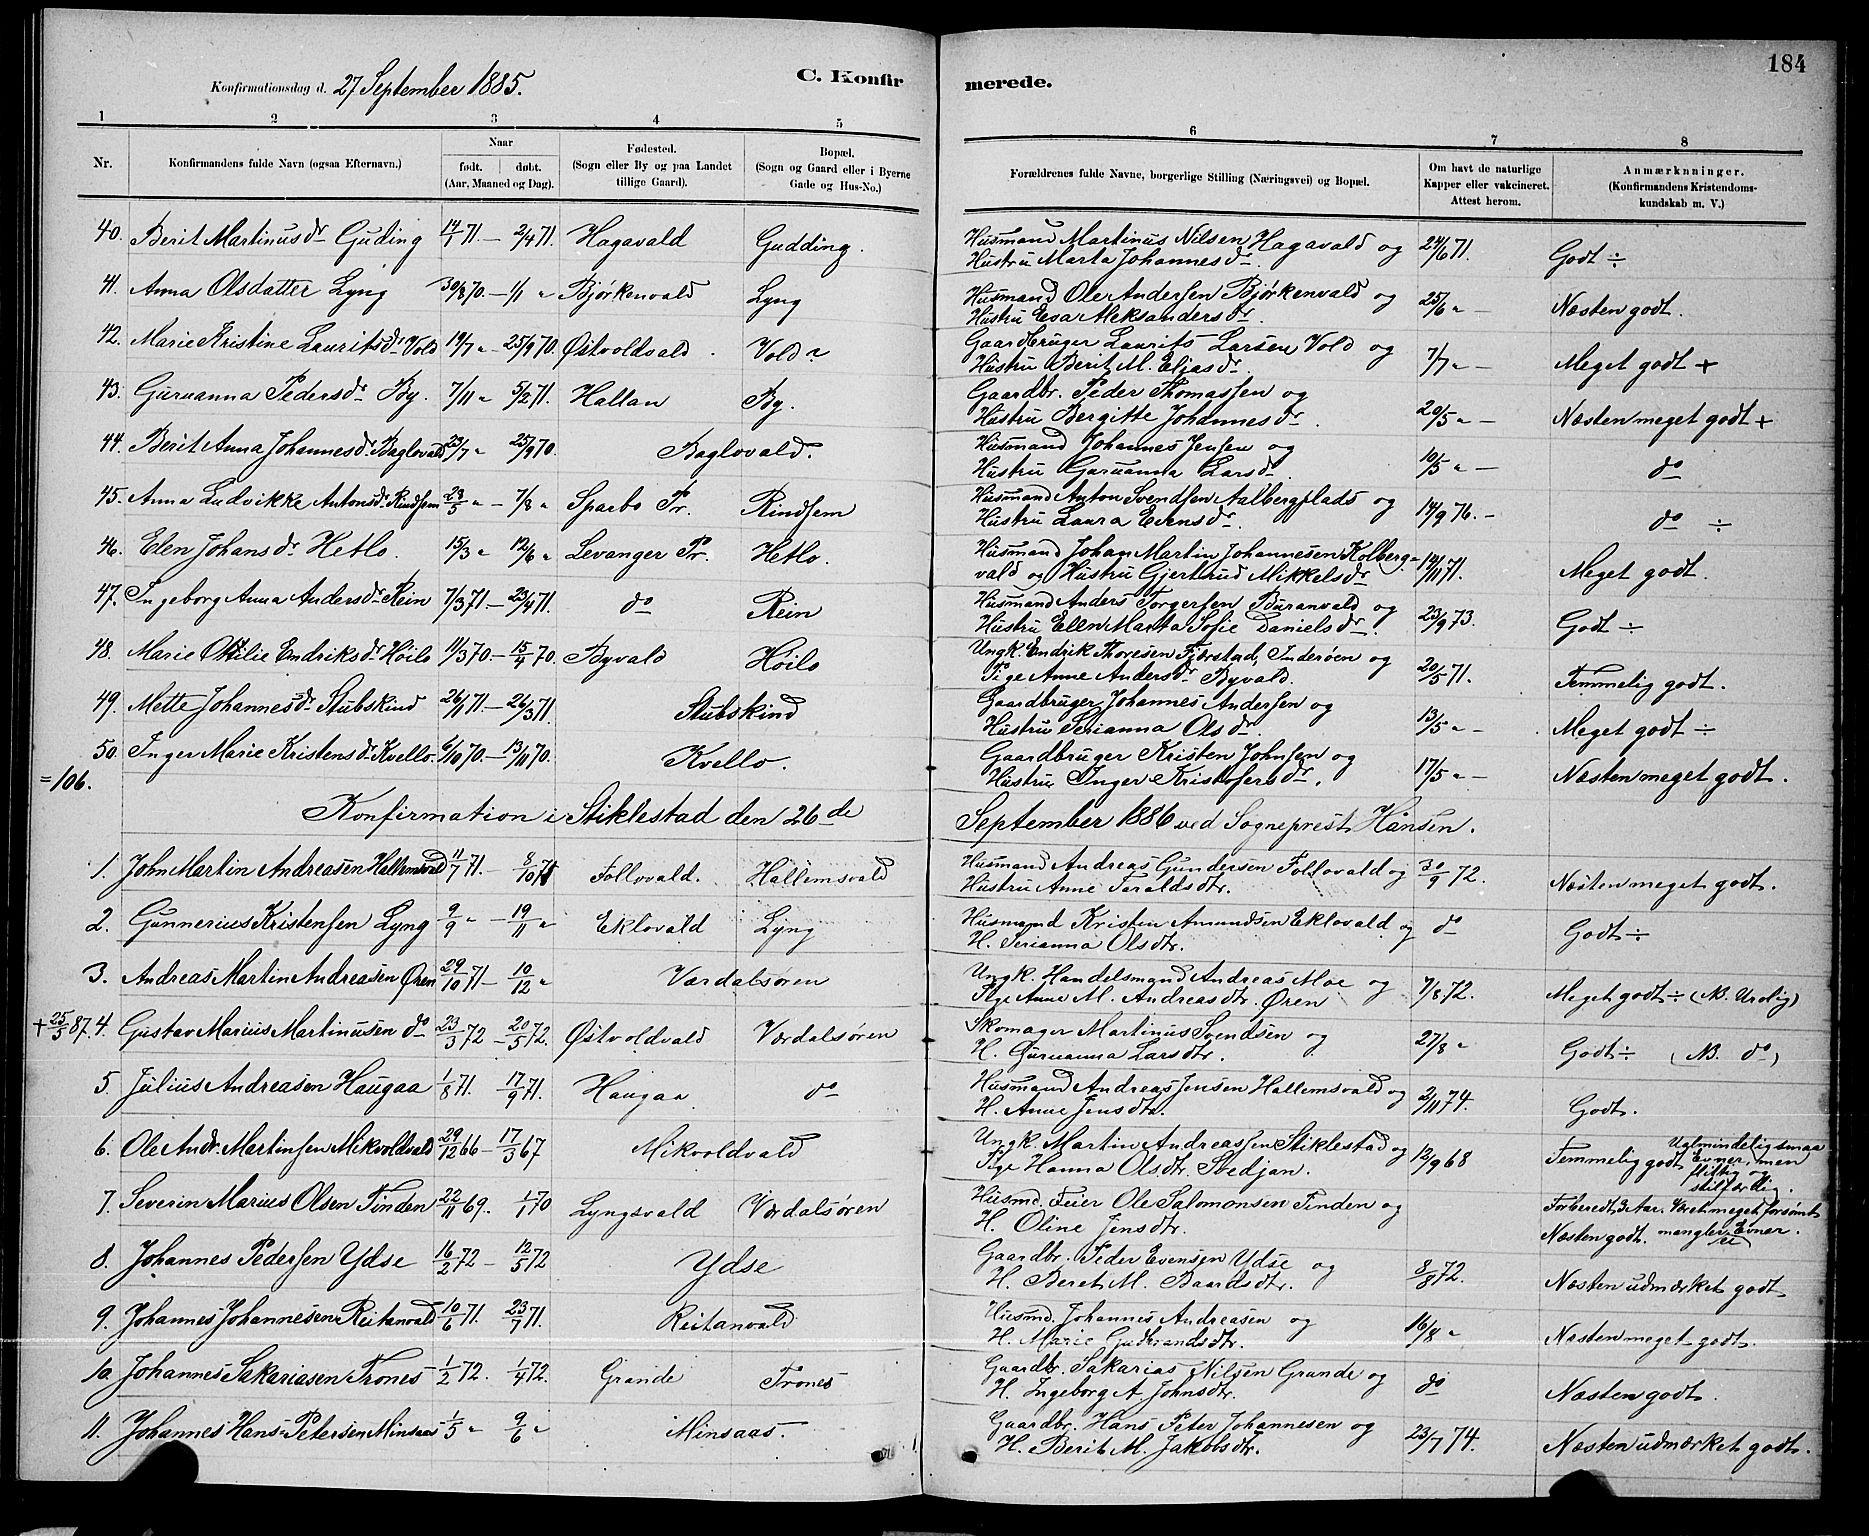 SAT, Ministerialprotokoller, klokkerbøker og fødselsregistre - Nord-Trøndelag, 723/L0256: Klokkerbok nr. 723C04, 1879-1890, s. 184